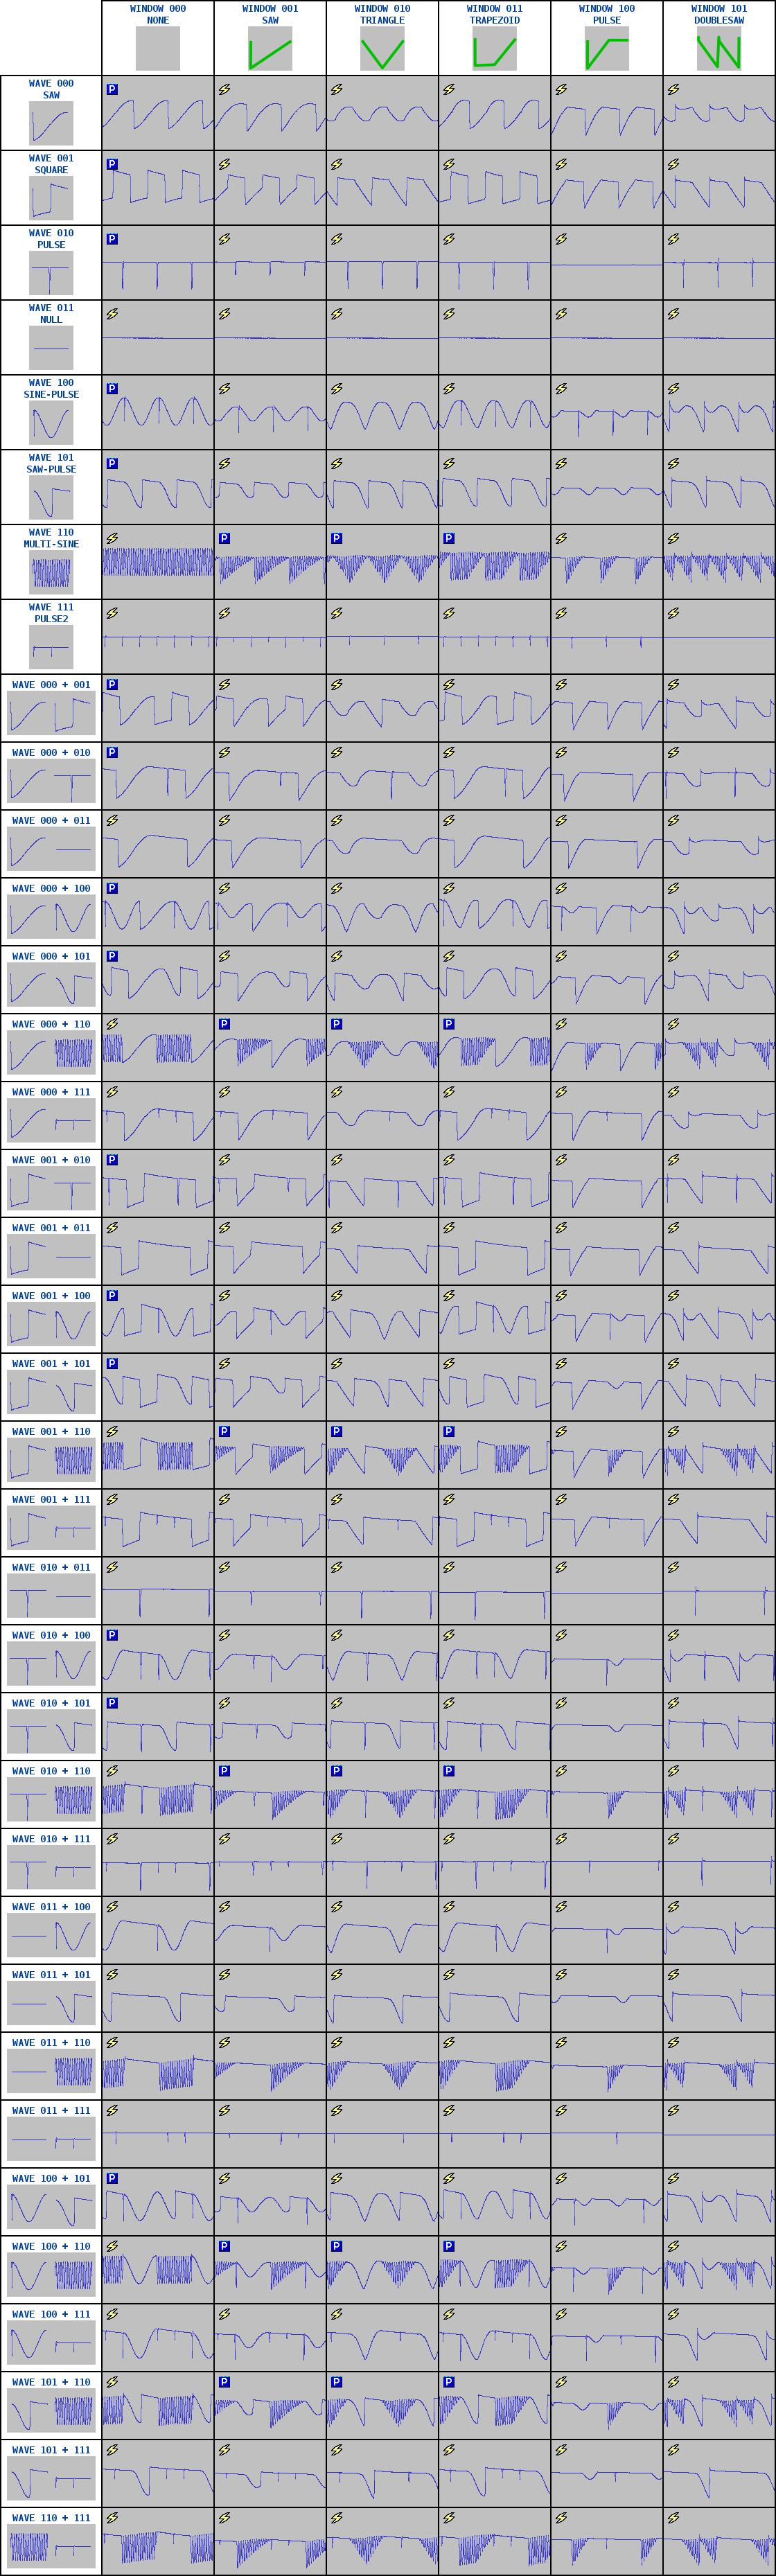 216 unique wave-window combinations